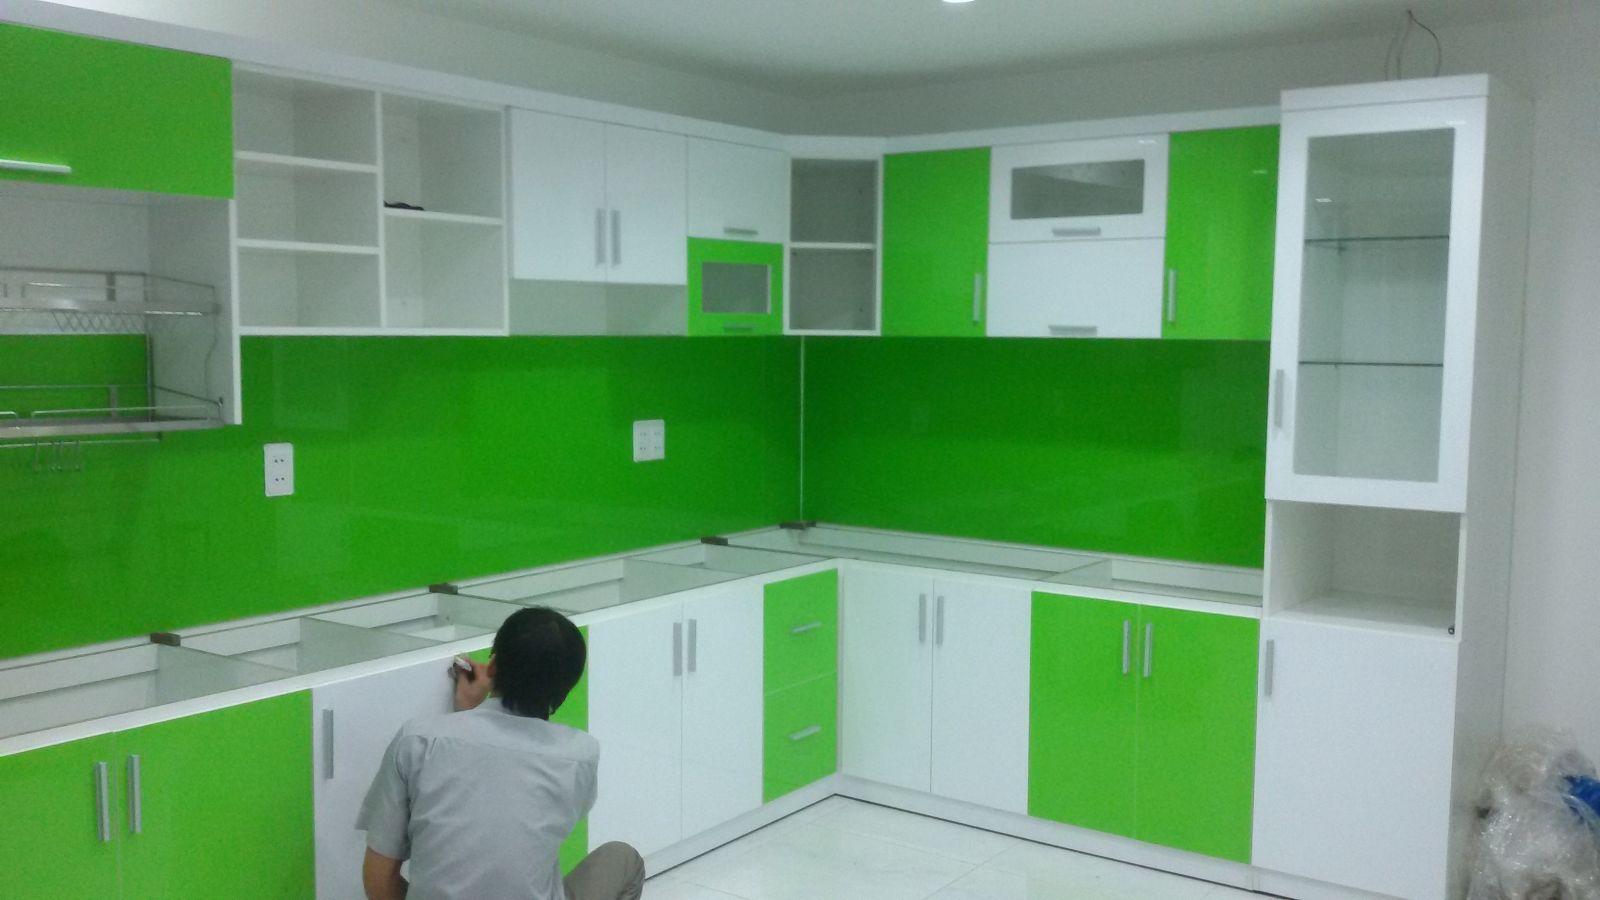 Thi công tủ bếp acrylic màu xanh